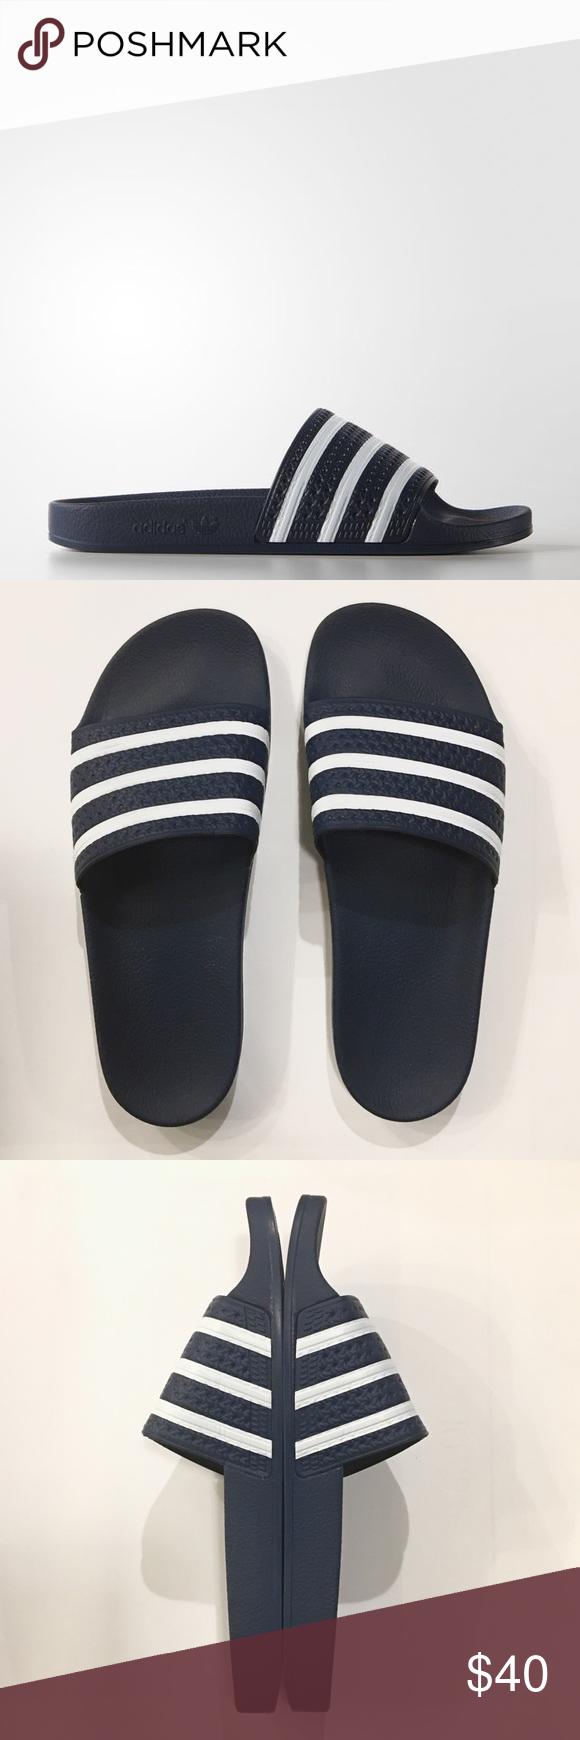 93332f4498e046 ADIDAS Adilette Slides CLASSIC Men s Adidas Adilette Slides (Sandals Flip  Flops). Size  11. Color  Adi Blue Adidas Shoes Sandals   Flip-Flops